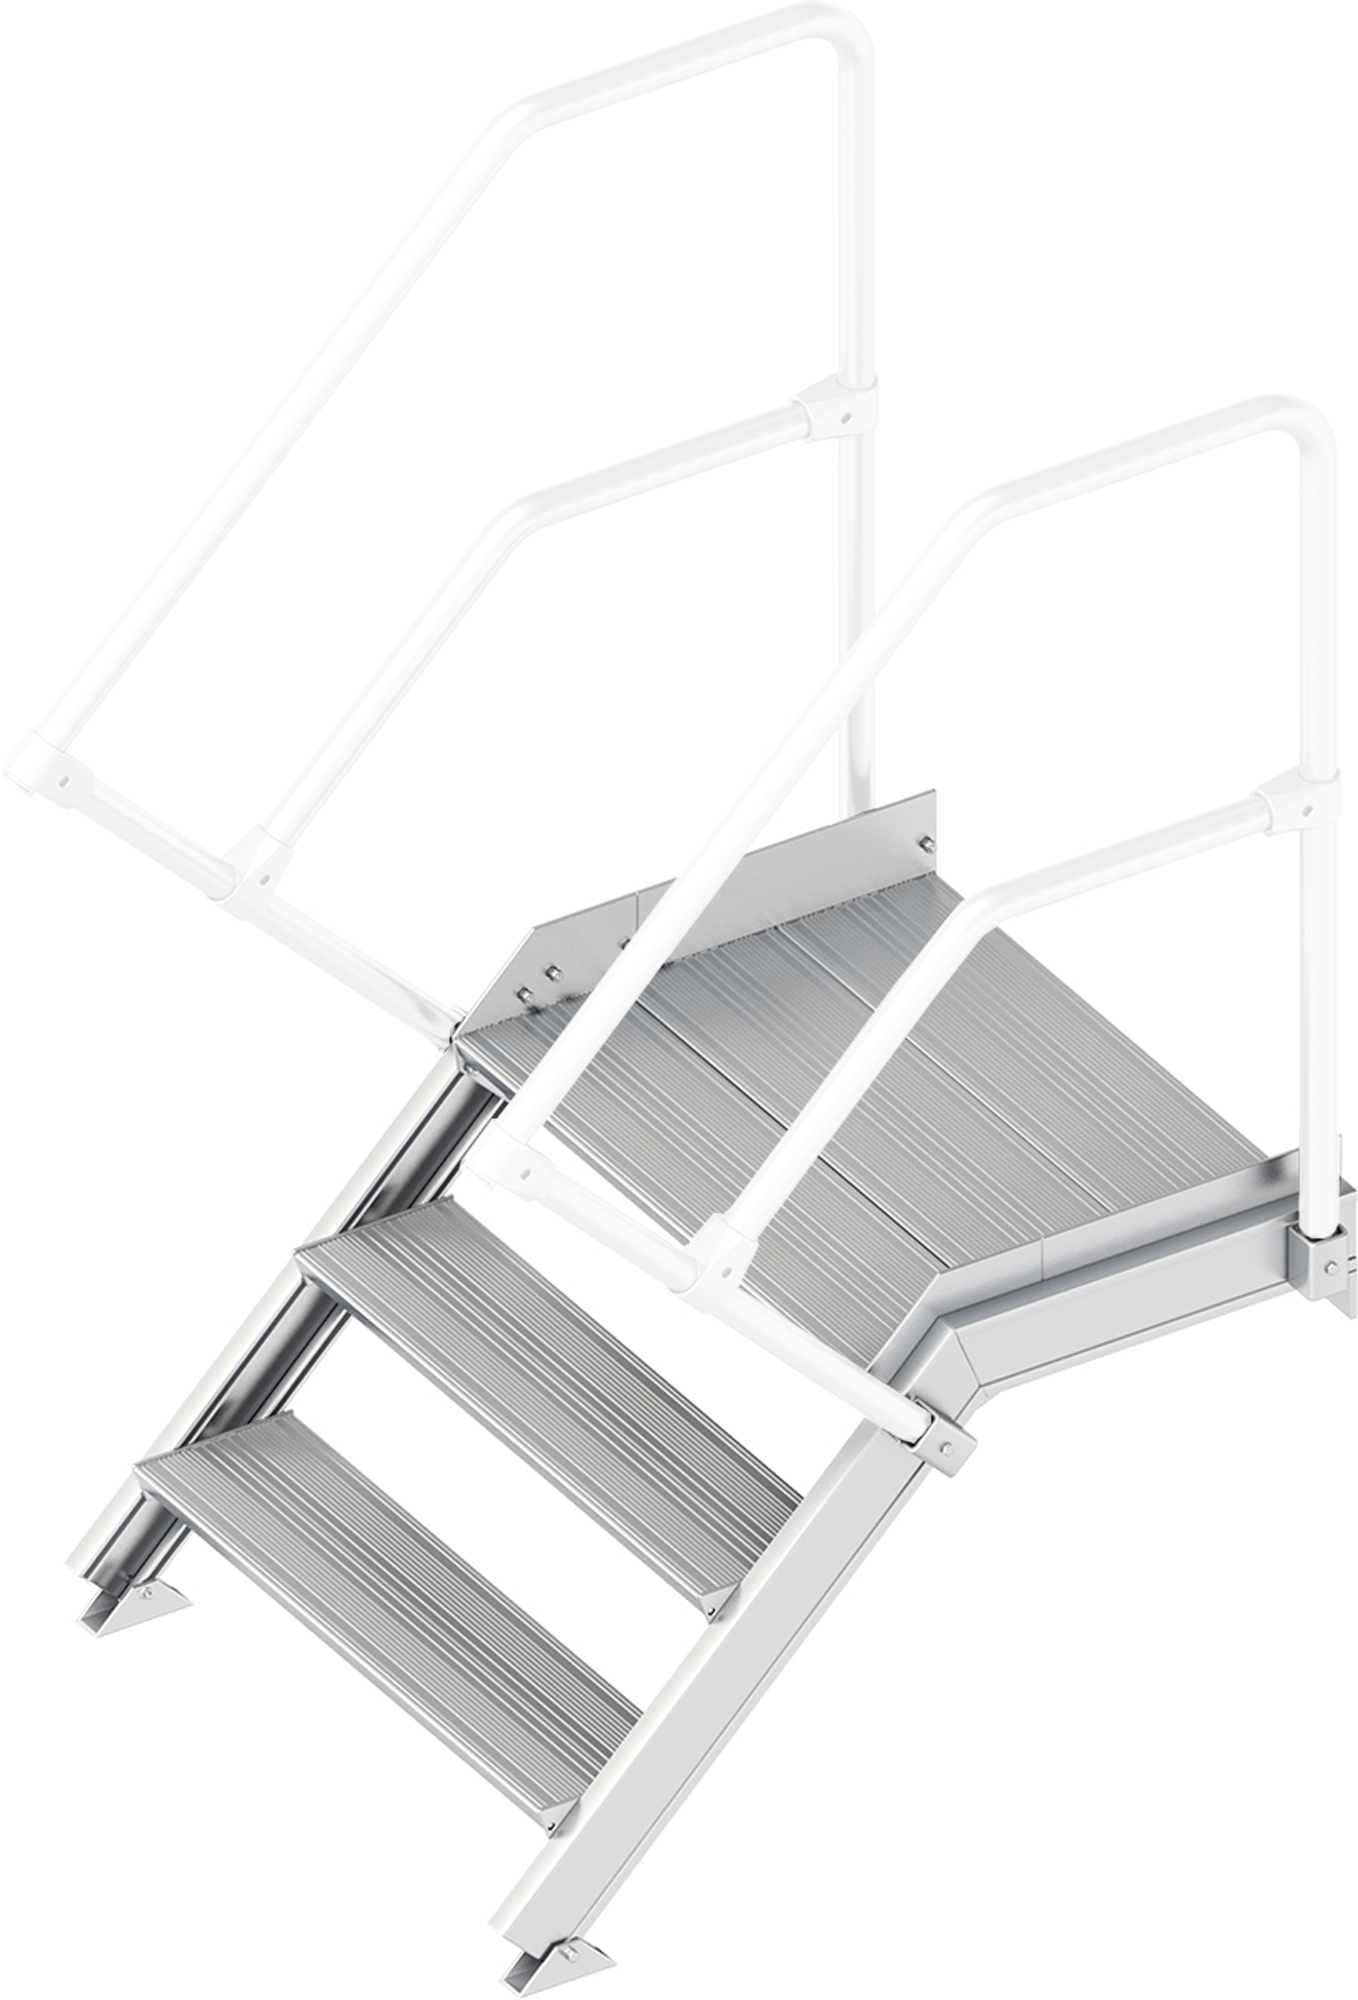 Layher Plattformtreppe 45° 3 Stufen - 800 mm breit